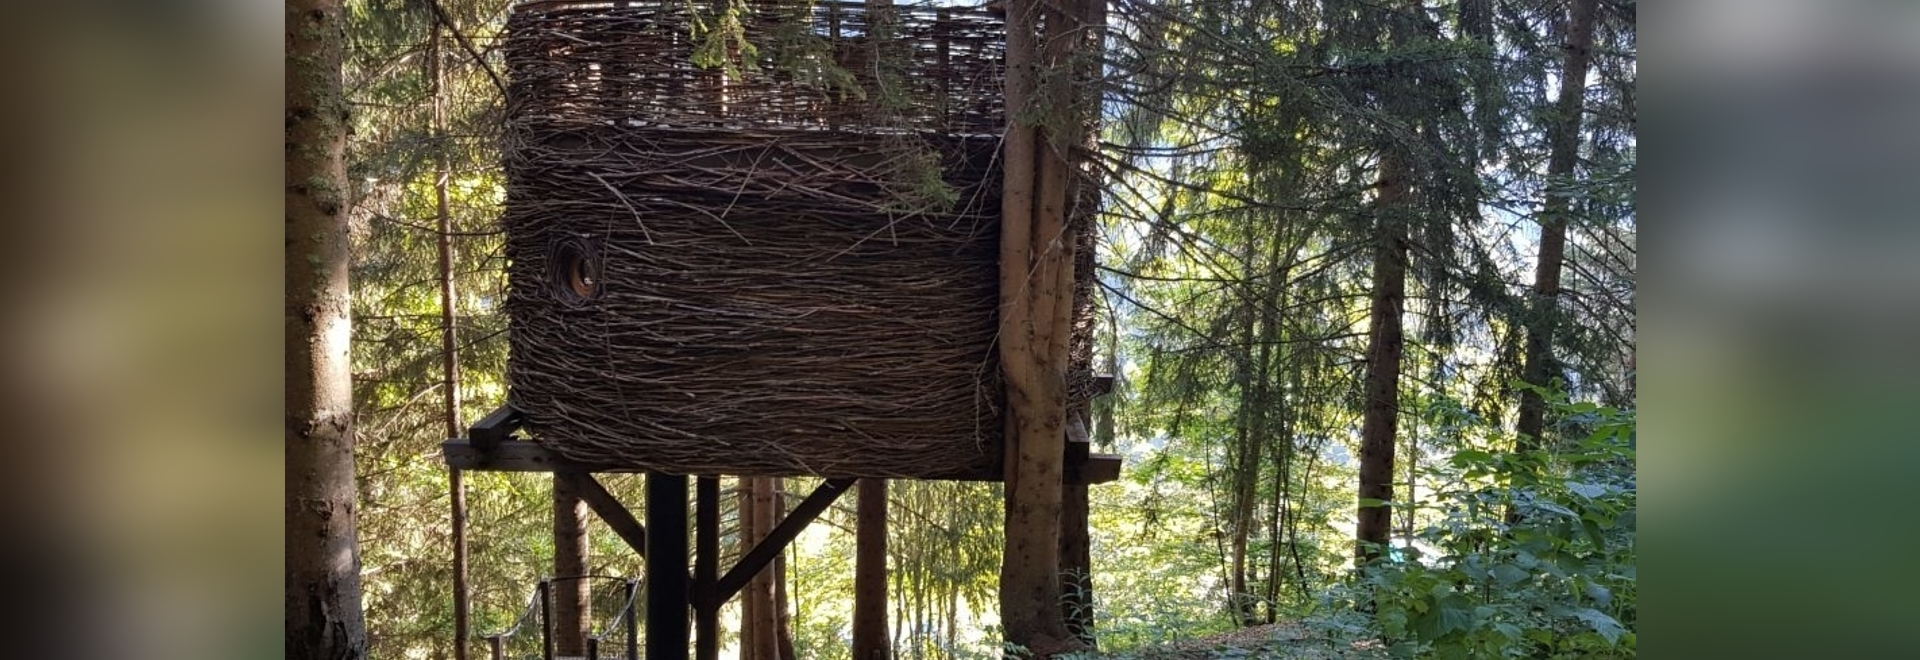 Il Nido, una delle lussuose case sull'albero di Nicolas Boisrame, fondatore di Entre Terre et Ciel.